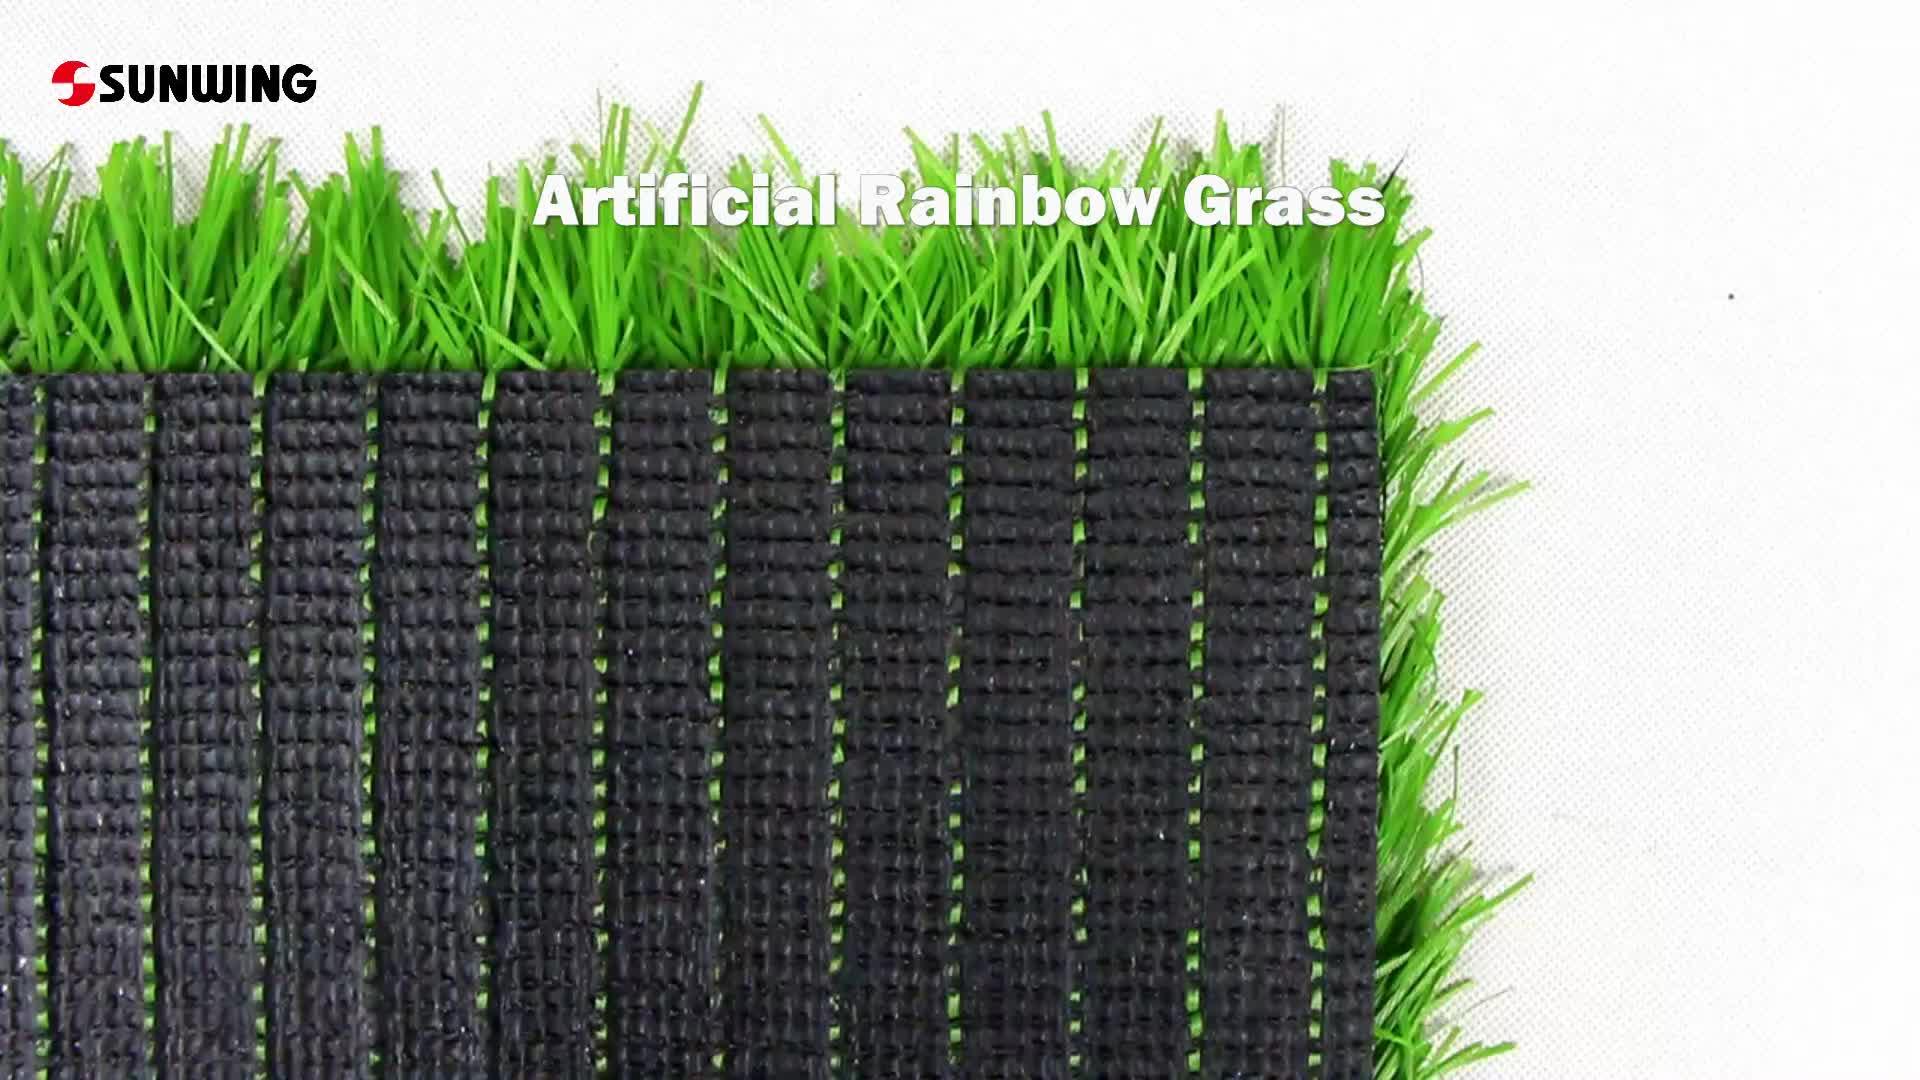 สายรุ้งกลางแจ้งกันน้ำนุ่มสังเคราะห์หญ้าสีสำหรับ decor ภูมิทัศน์